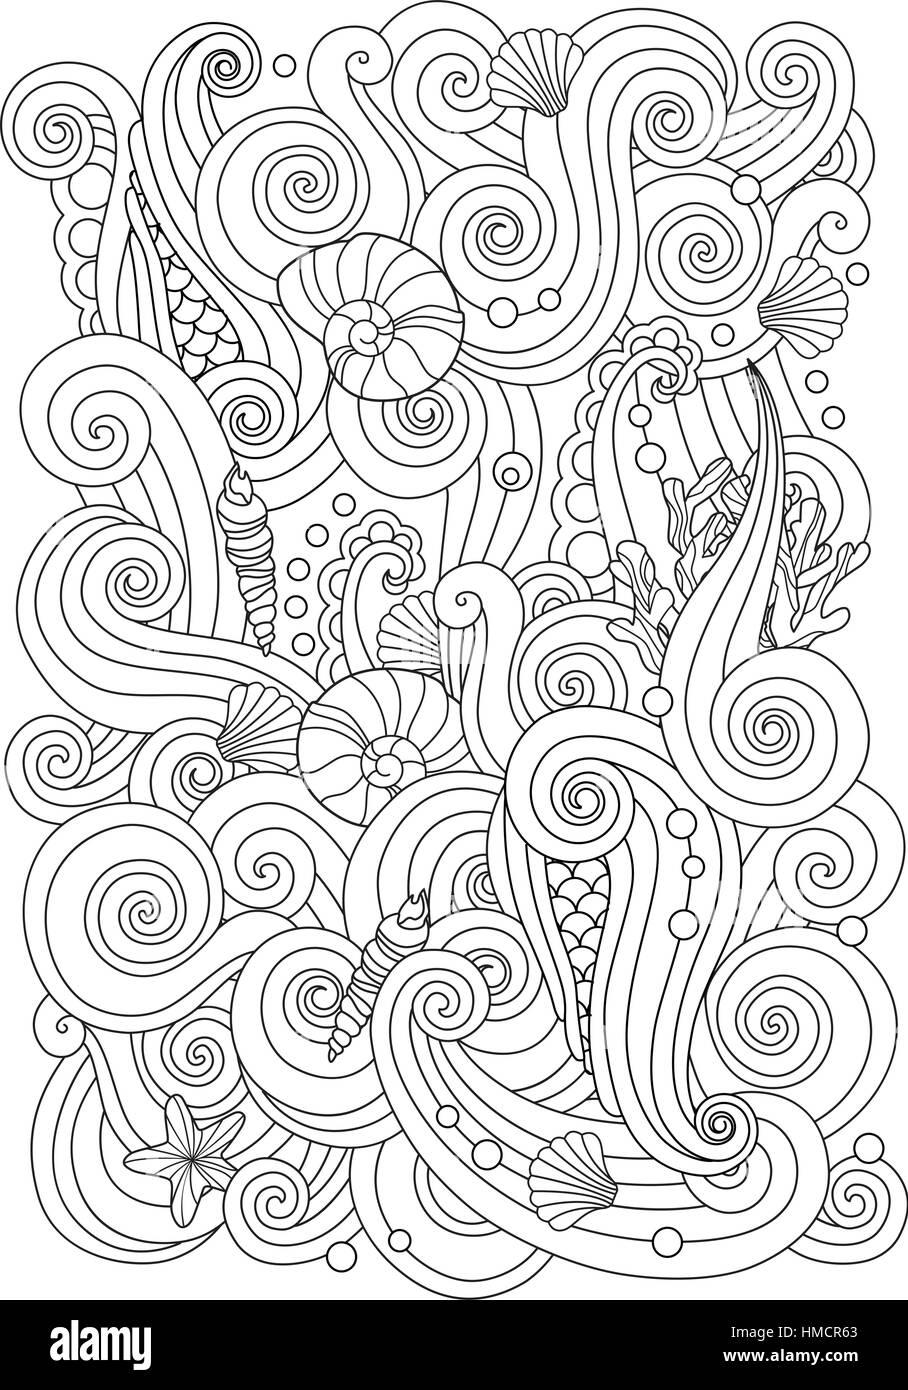 Malvorlagen mit abstrakten Hintergrund Wellen, Muscheln, Korallen ...